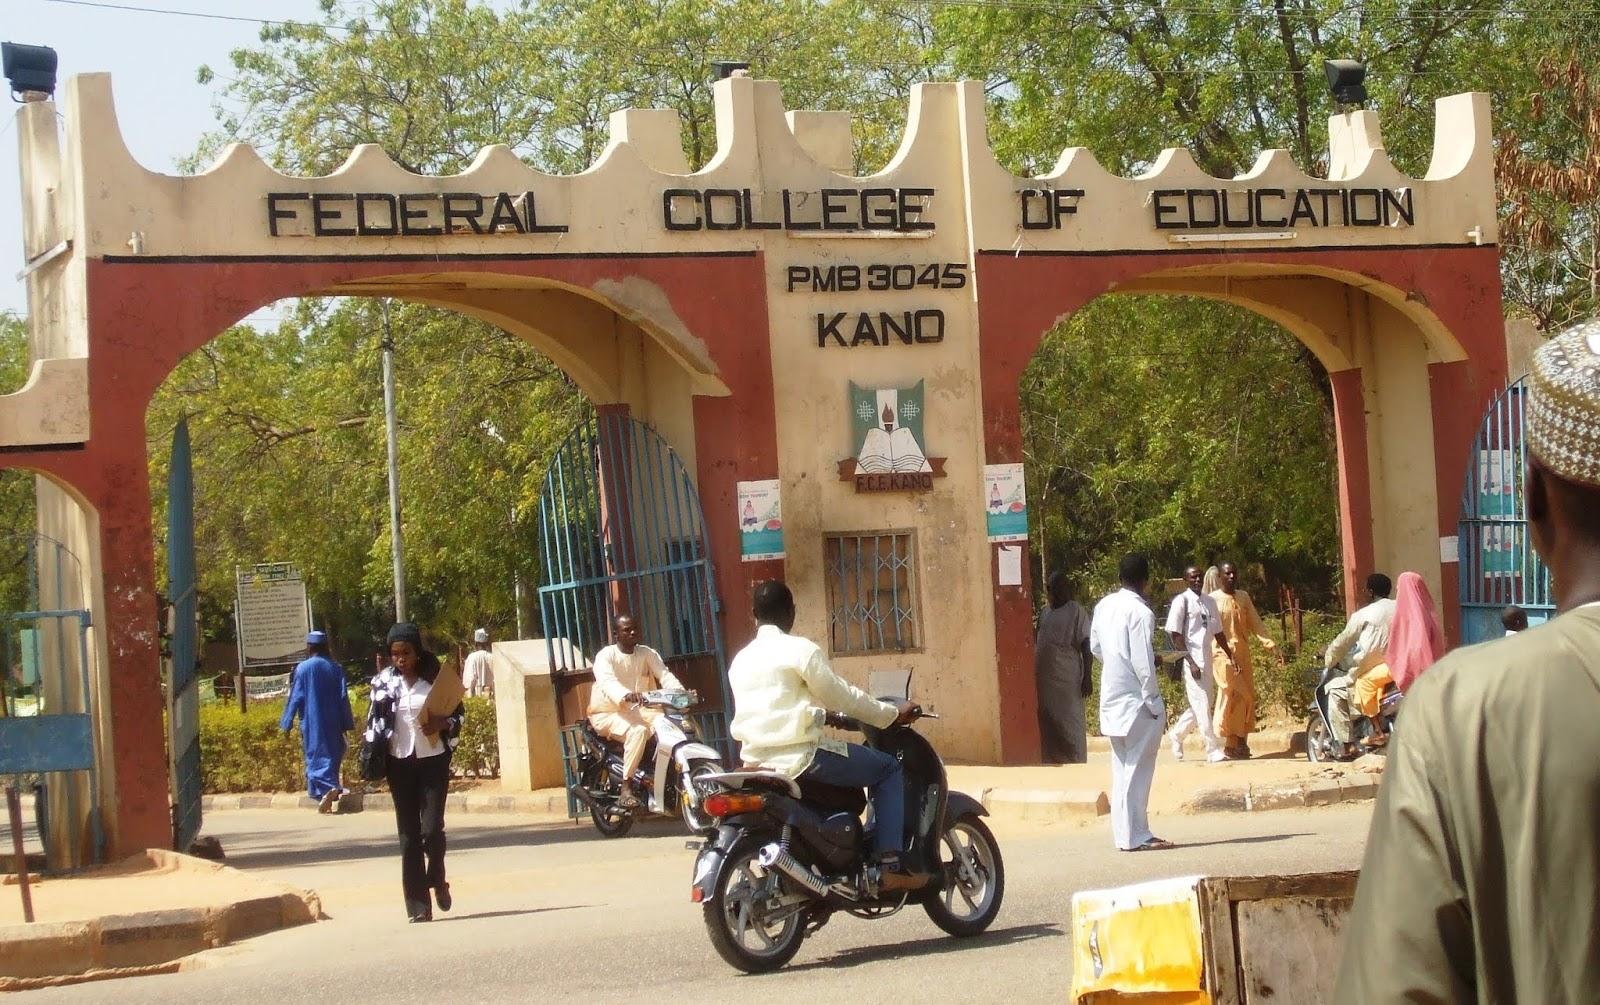 FCE Kano NCE Students Matriculation Ceremony, Orientation Programme 2017/2018